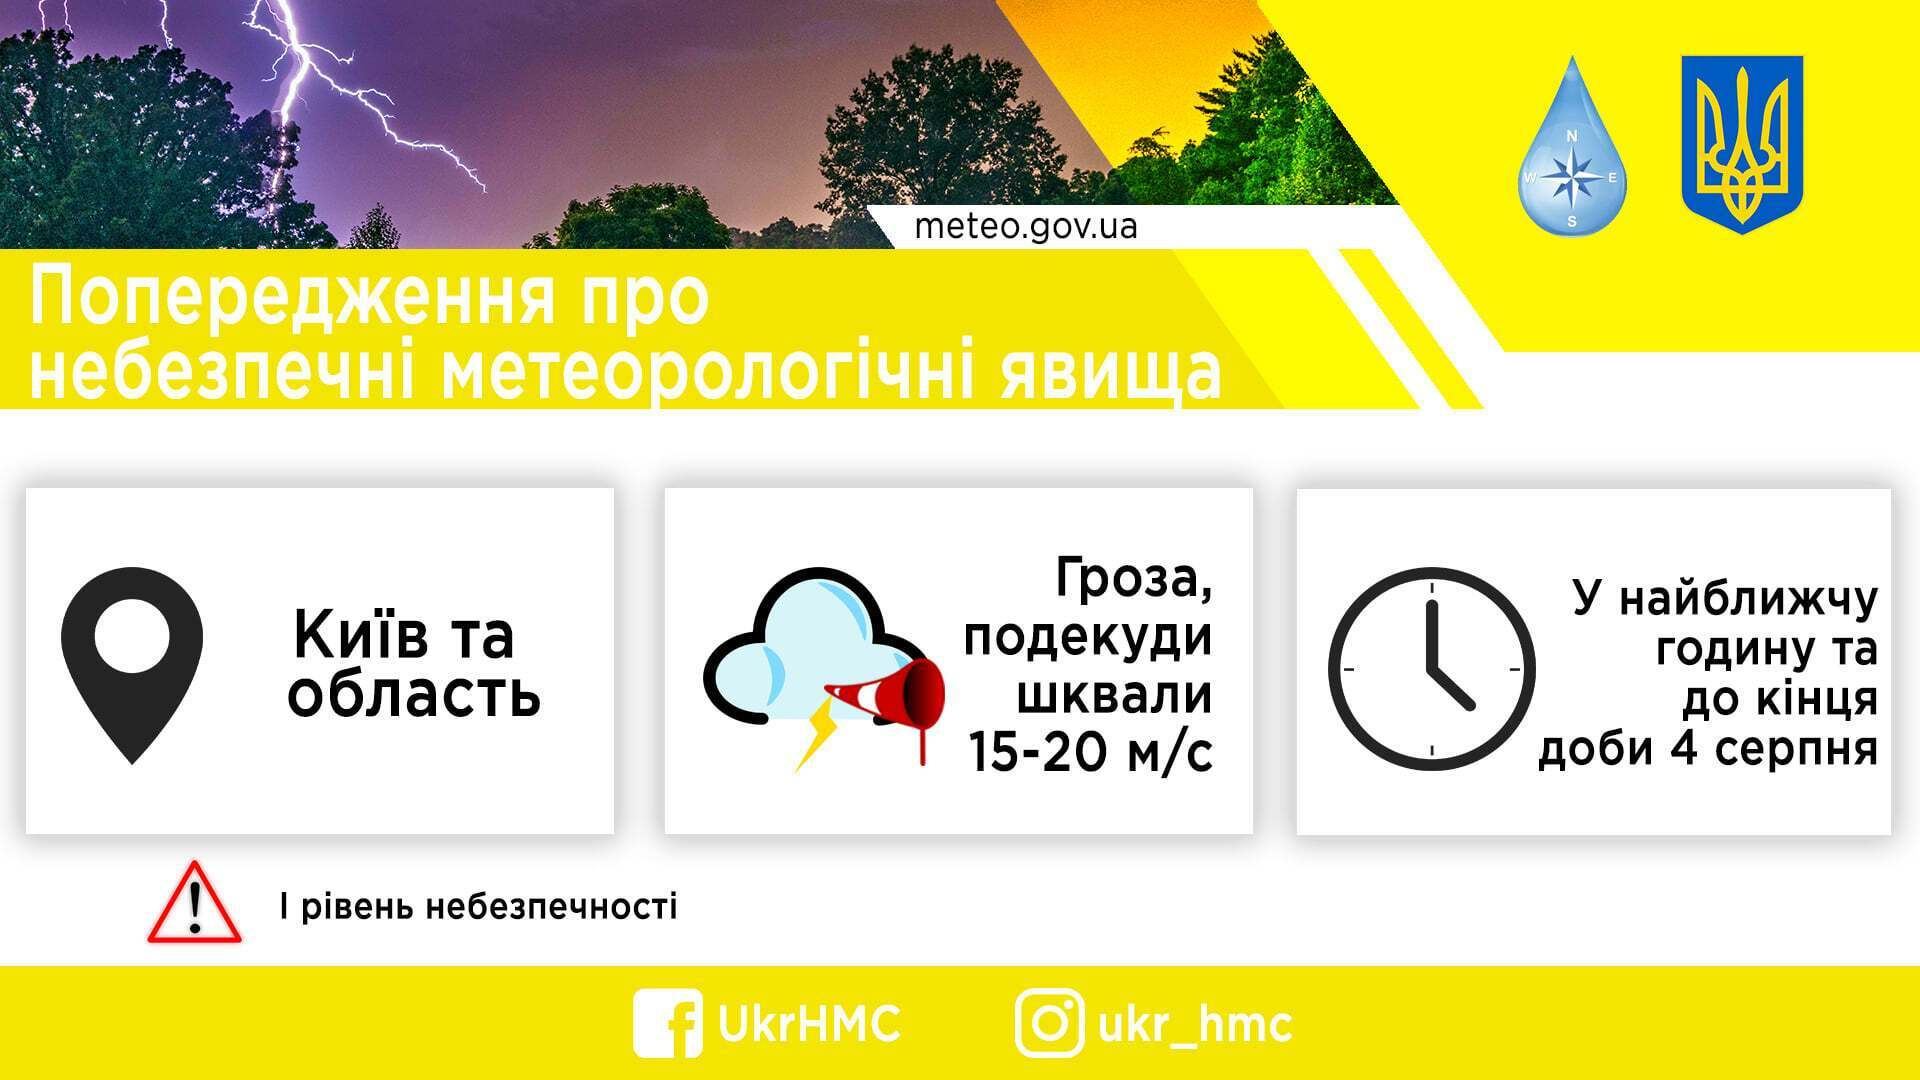 Facebook / Український гідрометеорологічний центр